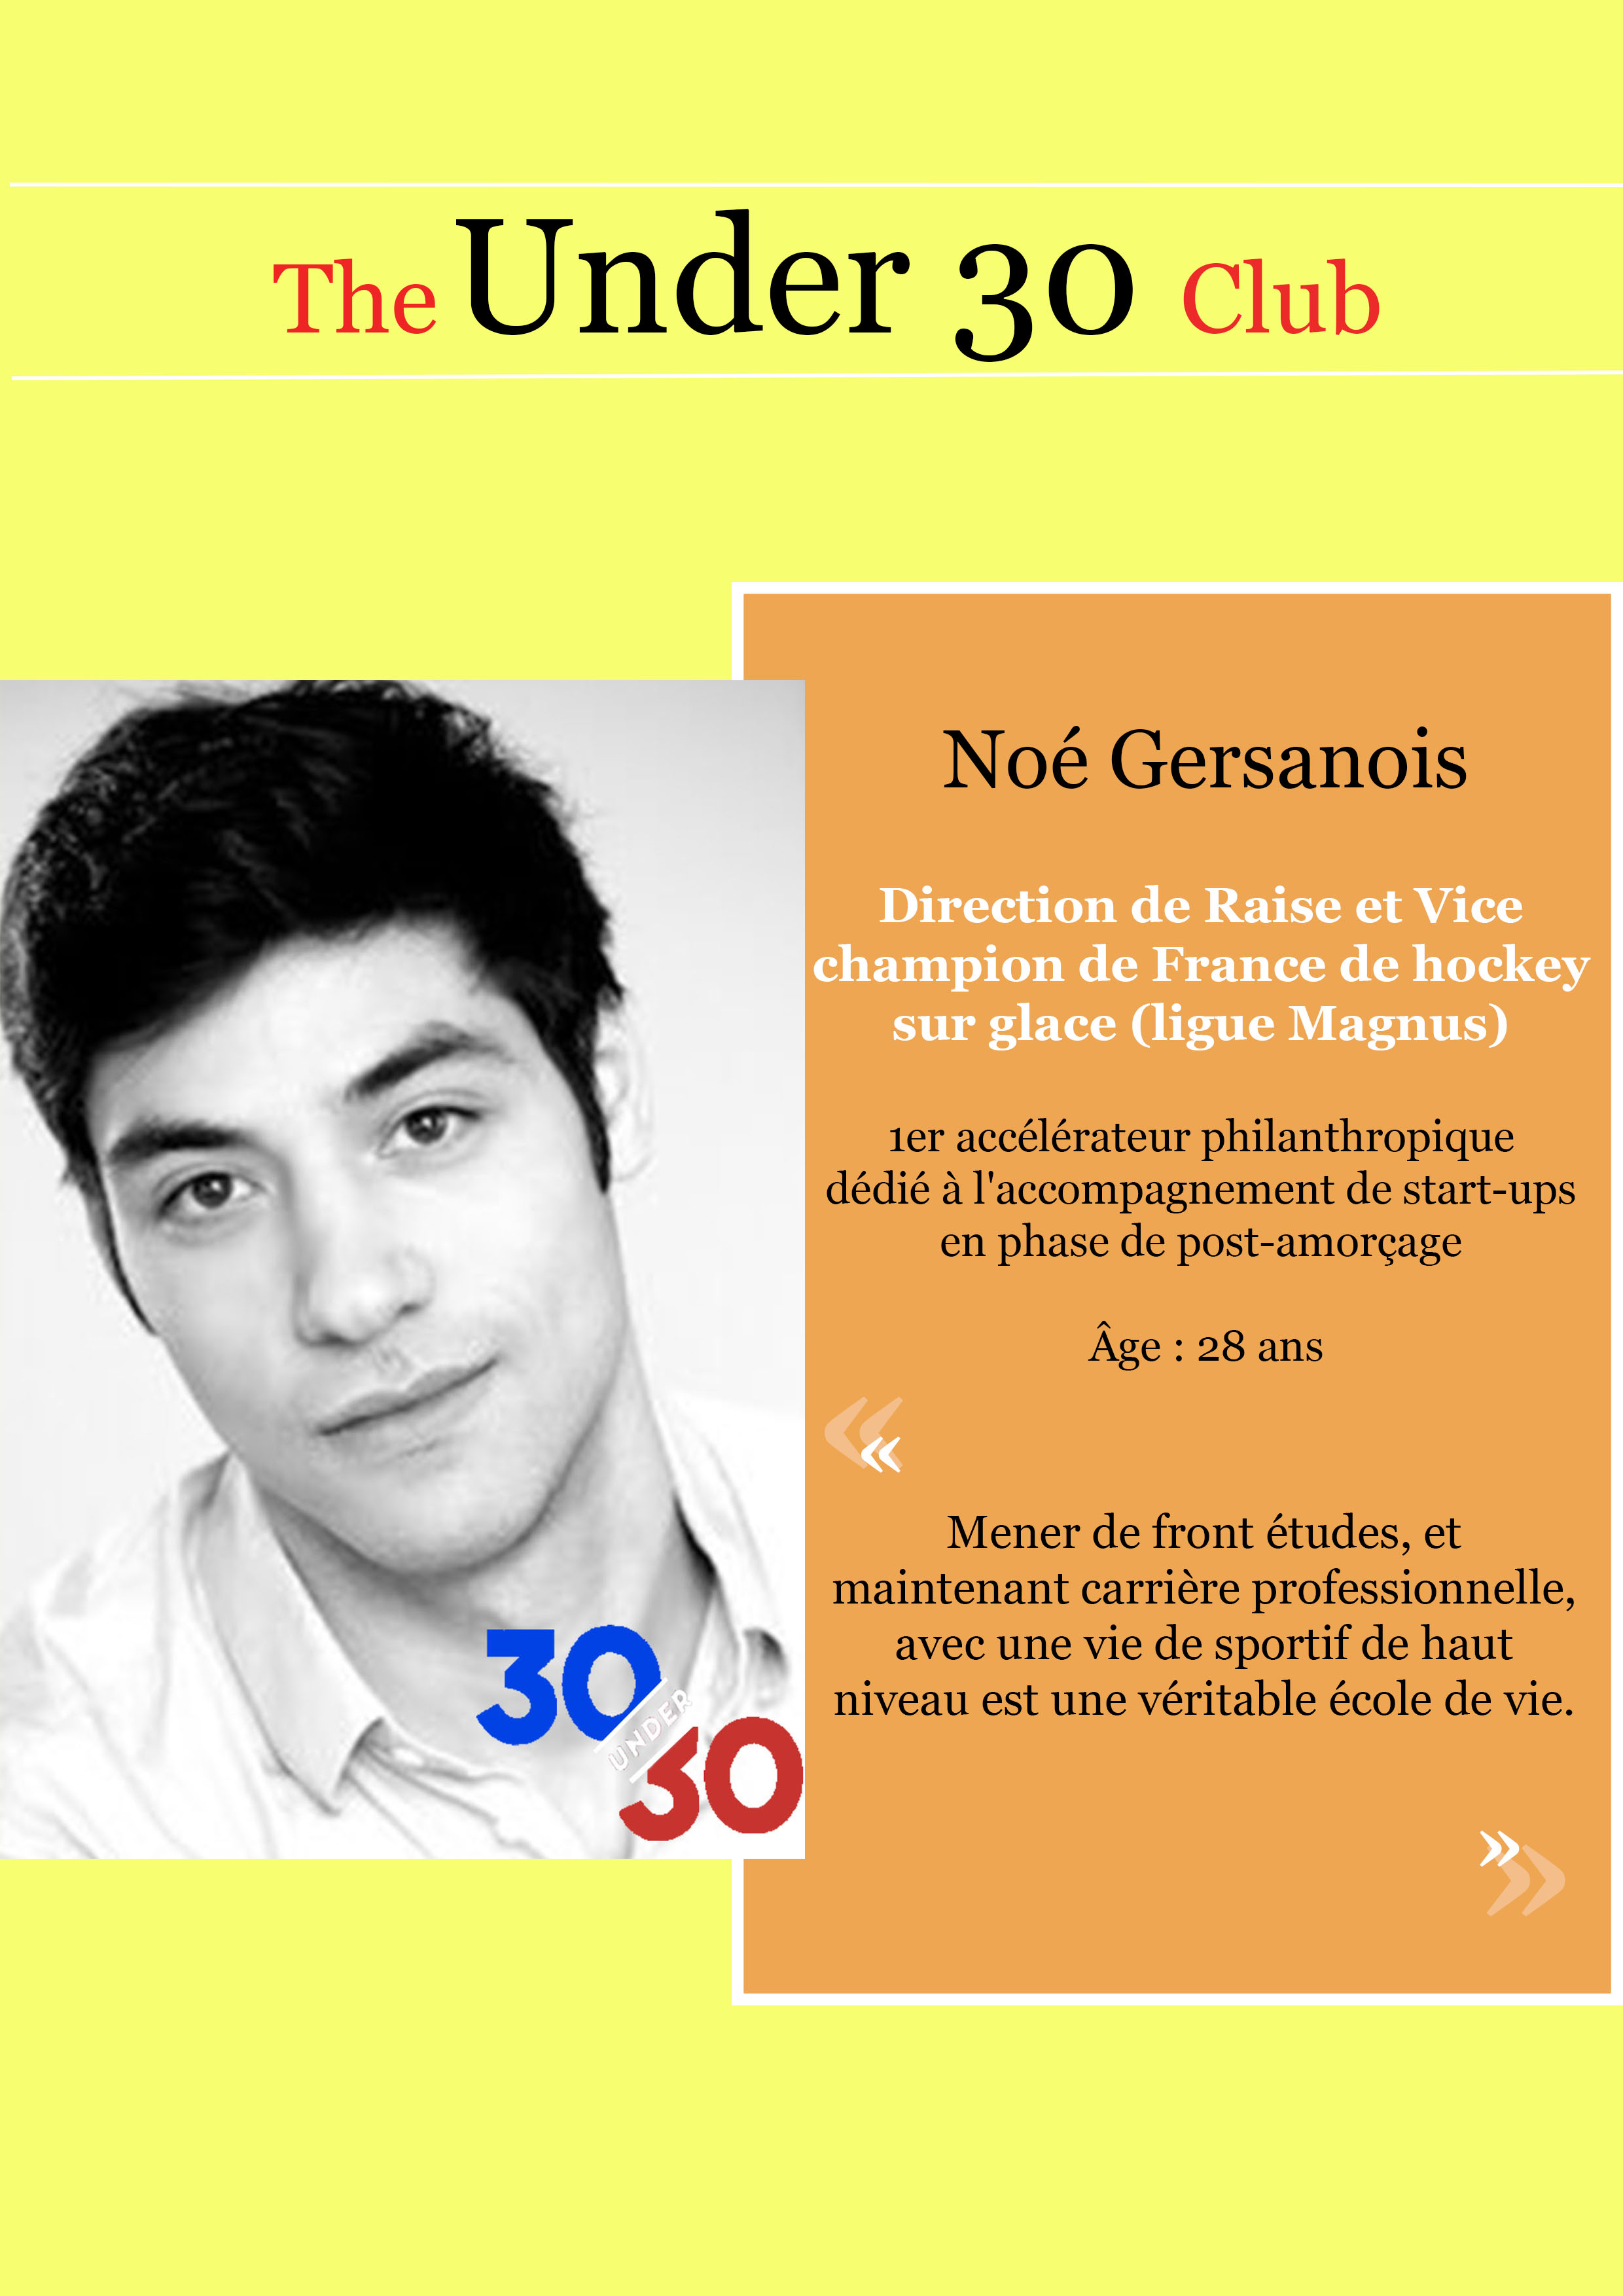 Noe Gersanois